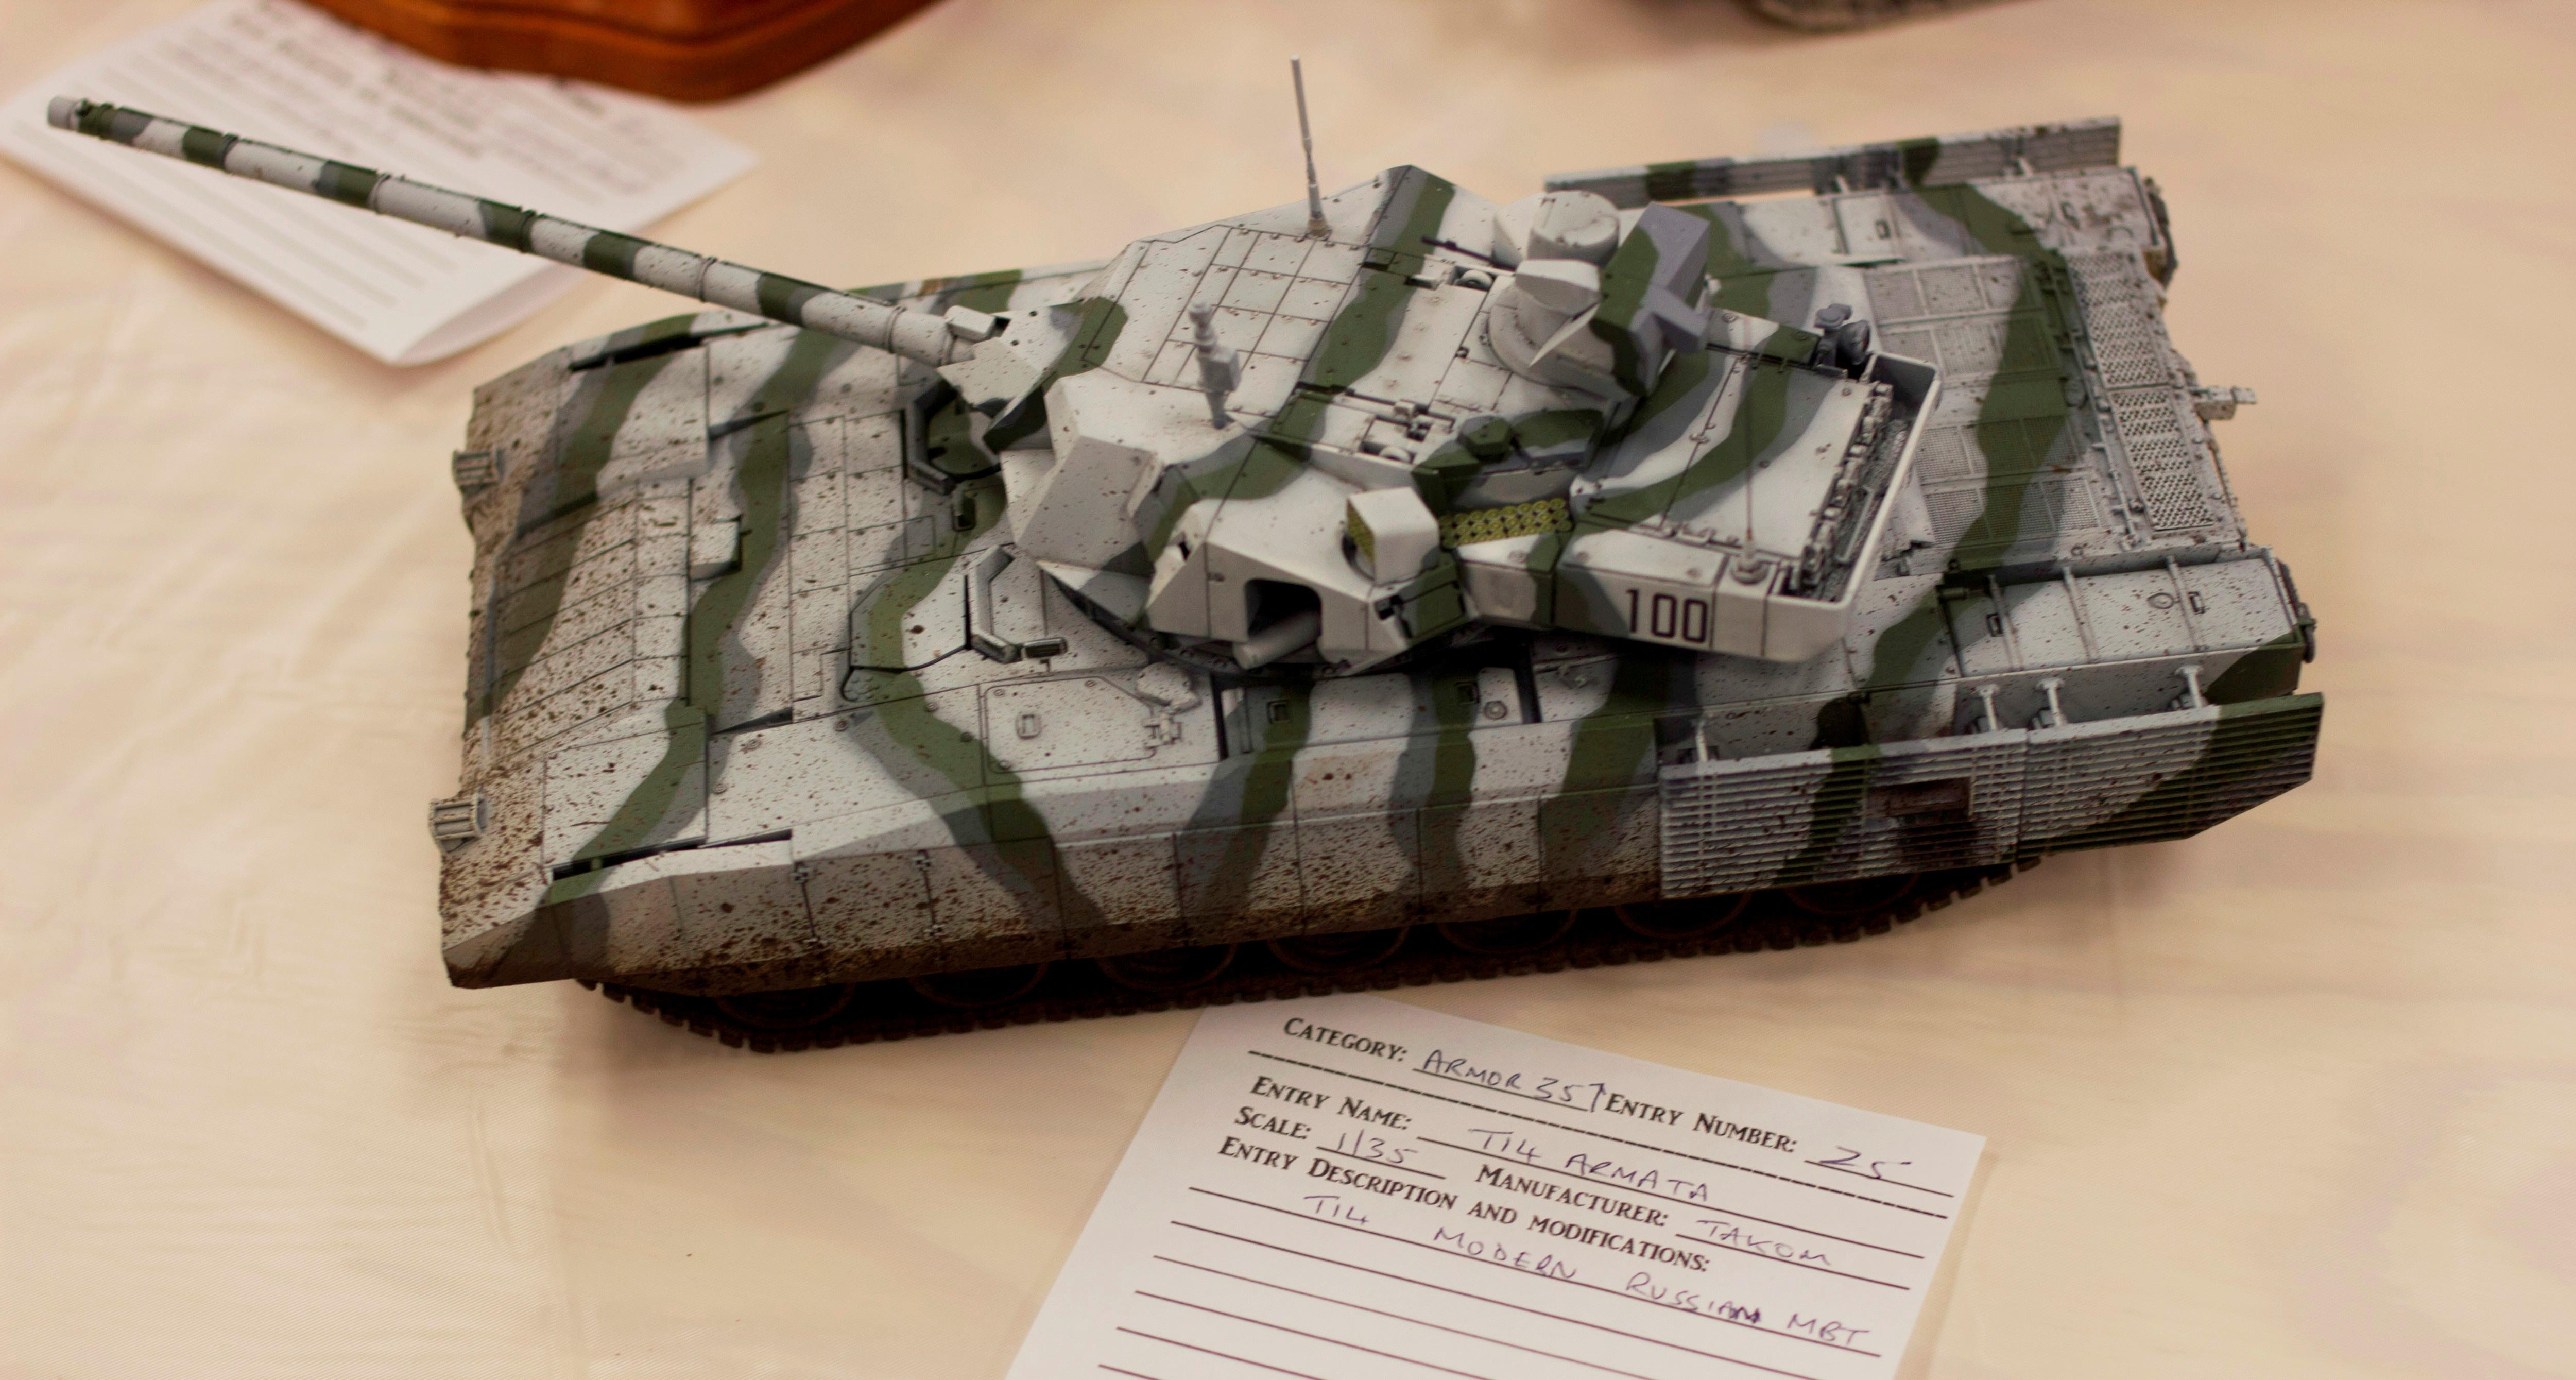 1 35 Scale Model Of A T14 Armata Russian Tank